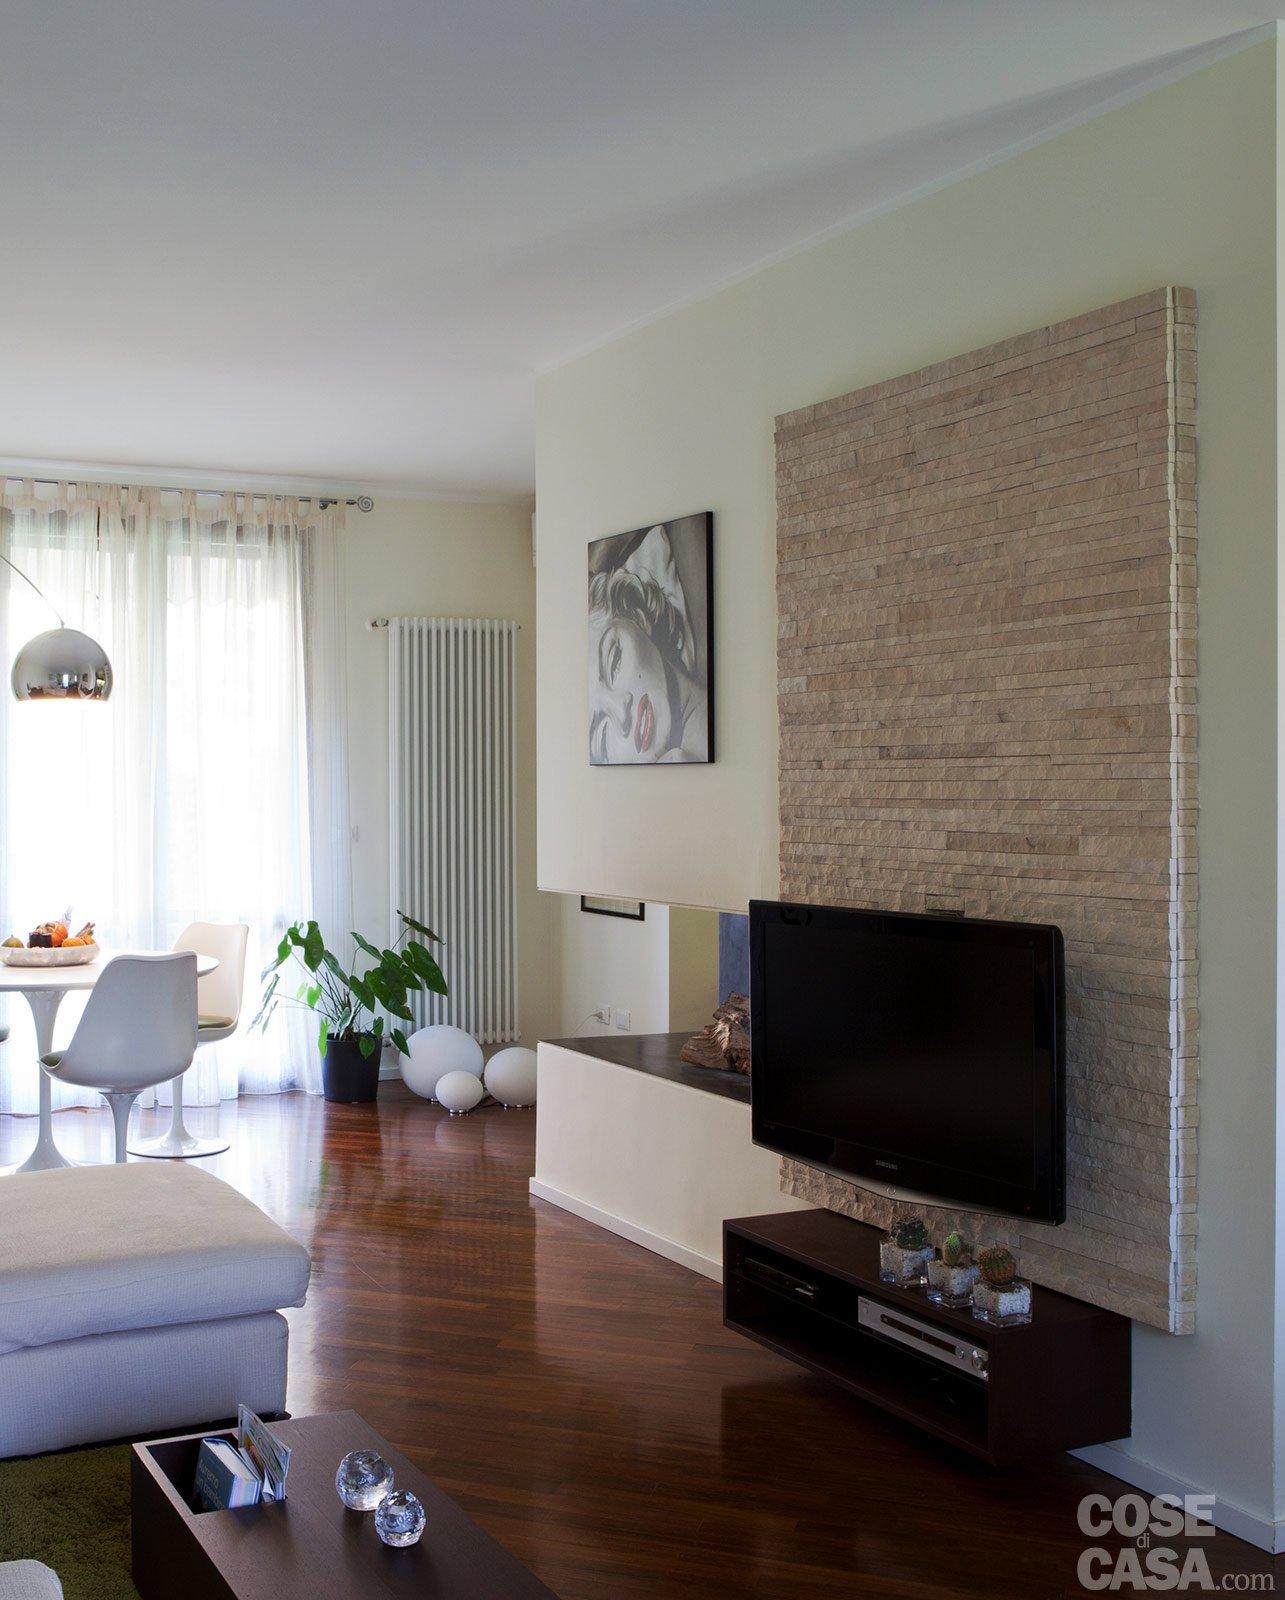 Casa pi vivibile dopo la ristrutturazione cose di casa for Cornice adesiva per pareti